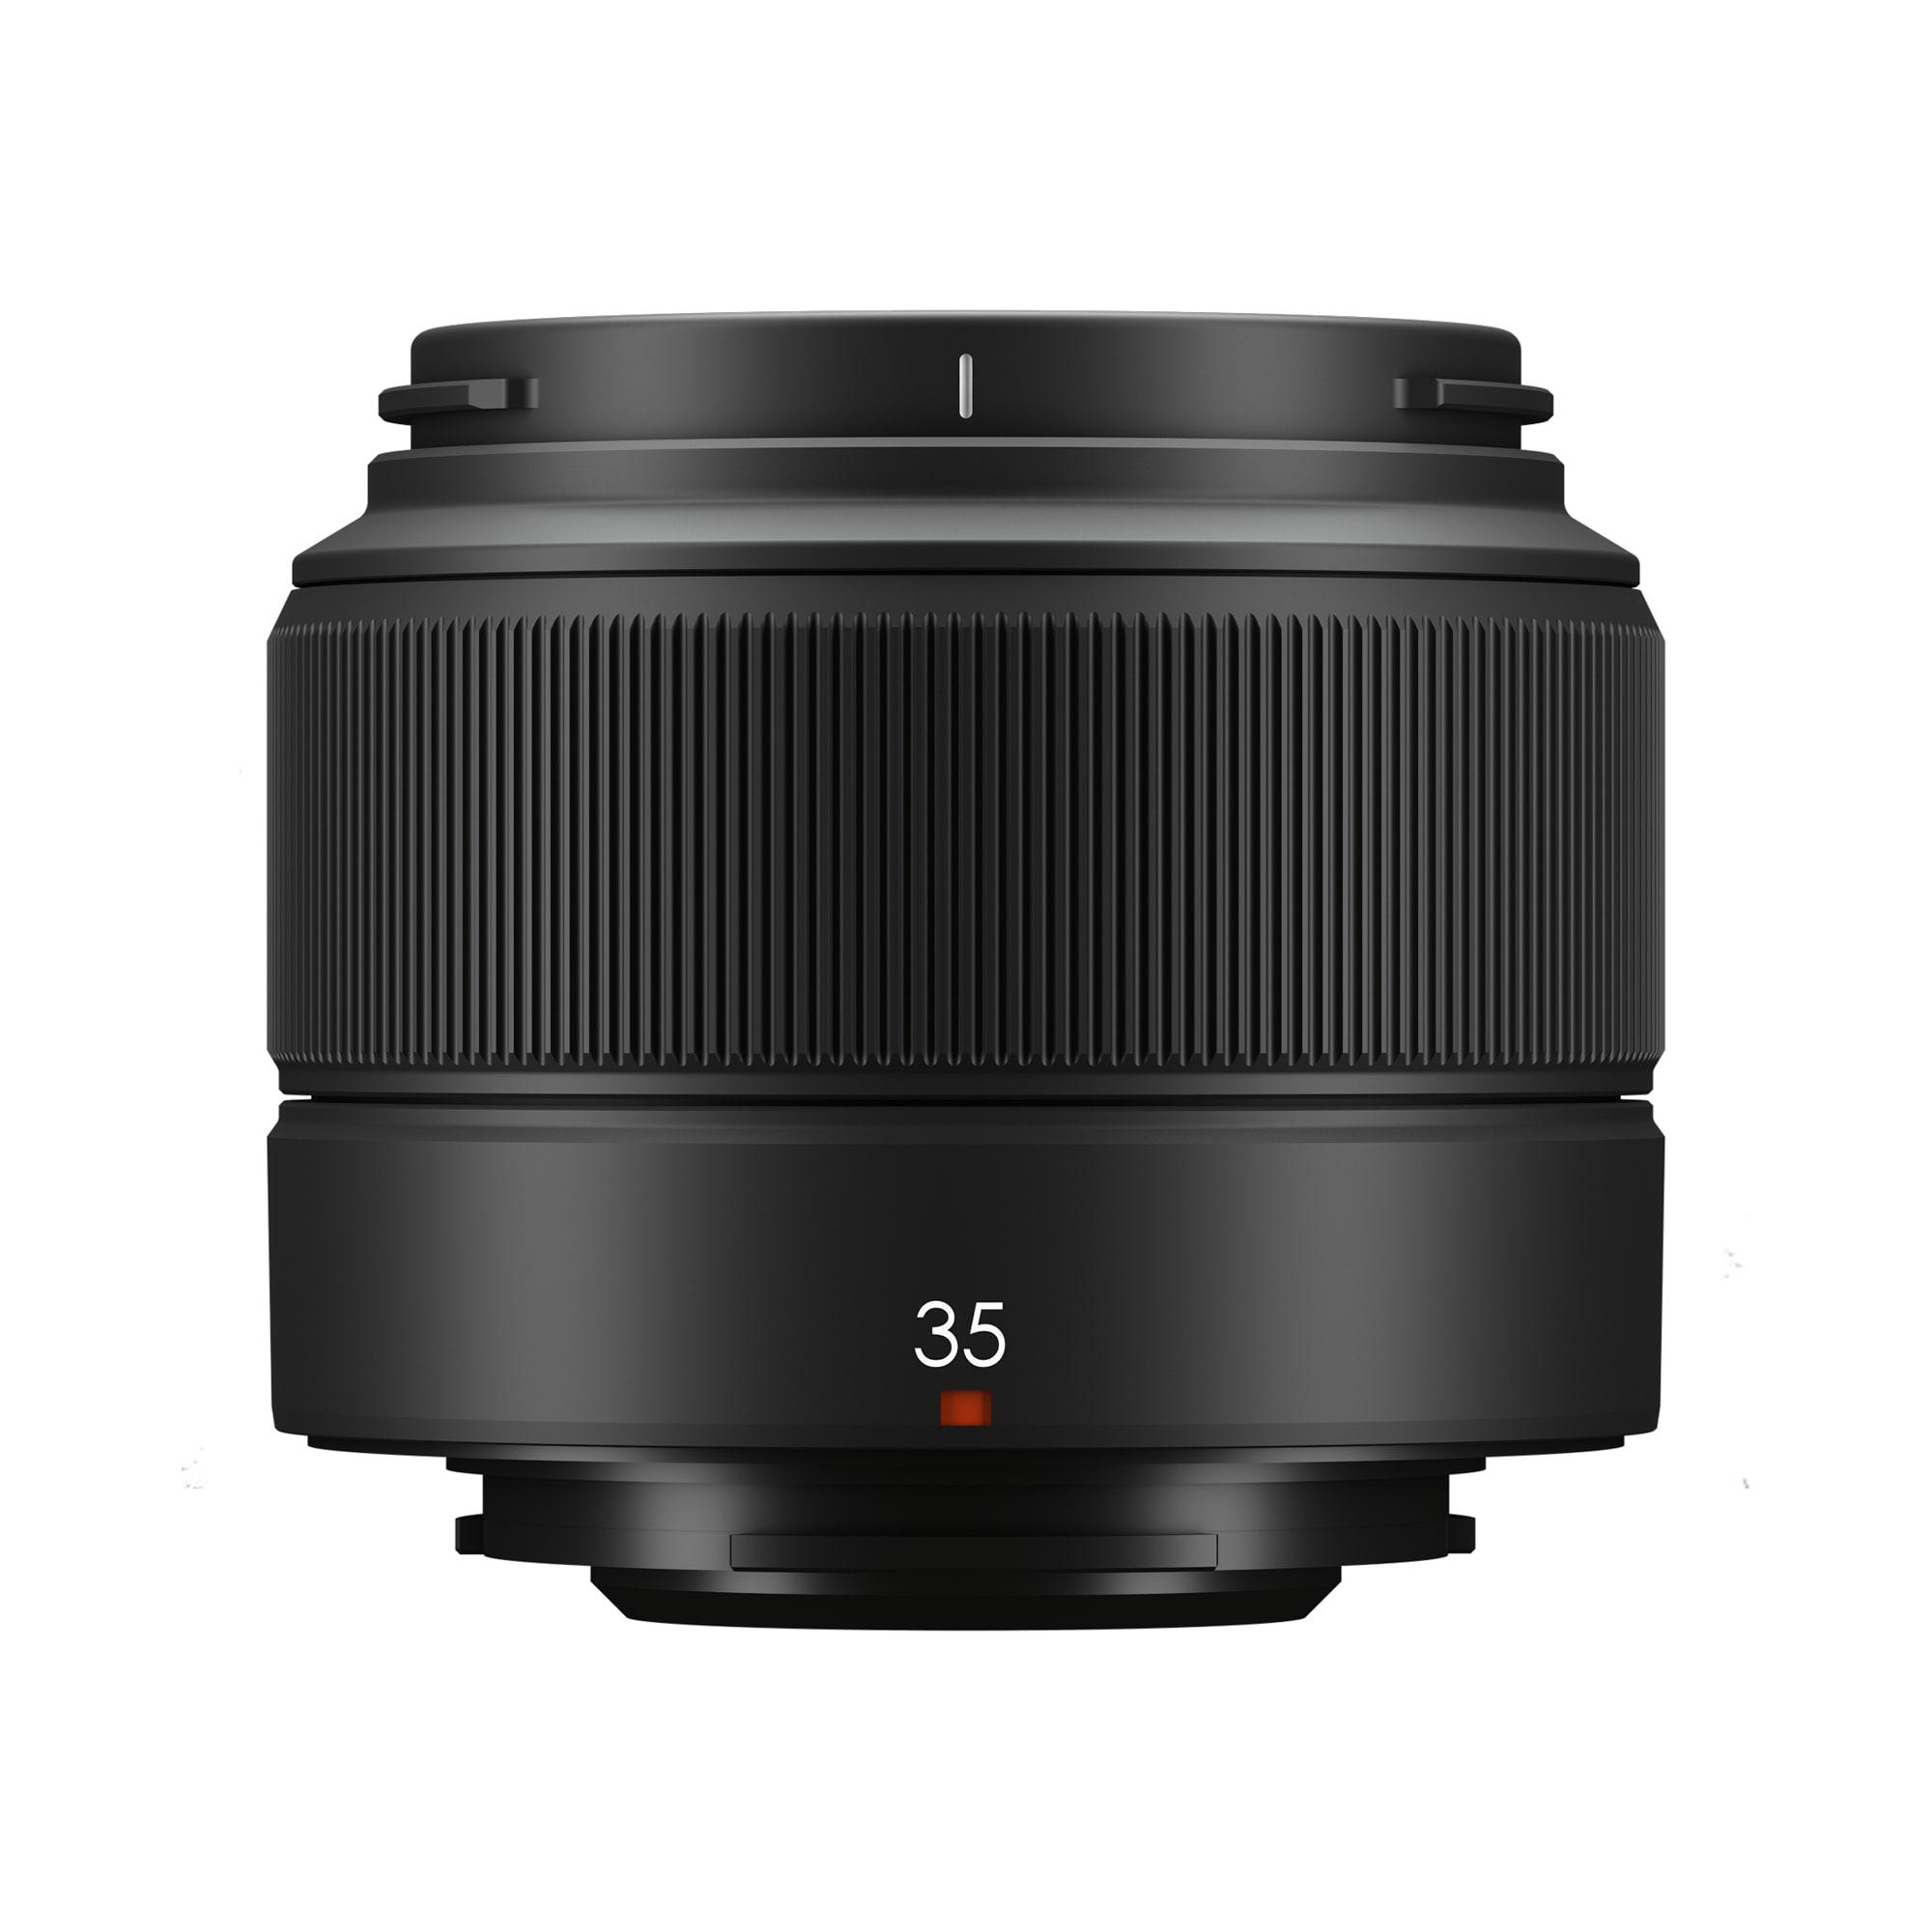 Fujifilm Fujinon XC 35mm f/2,0